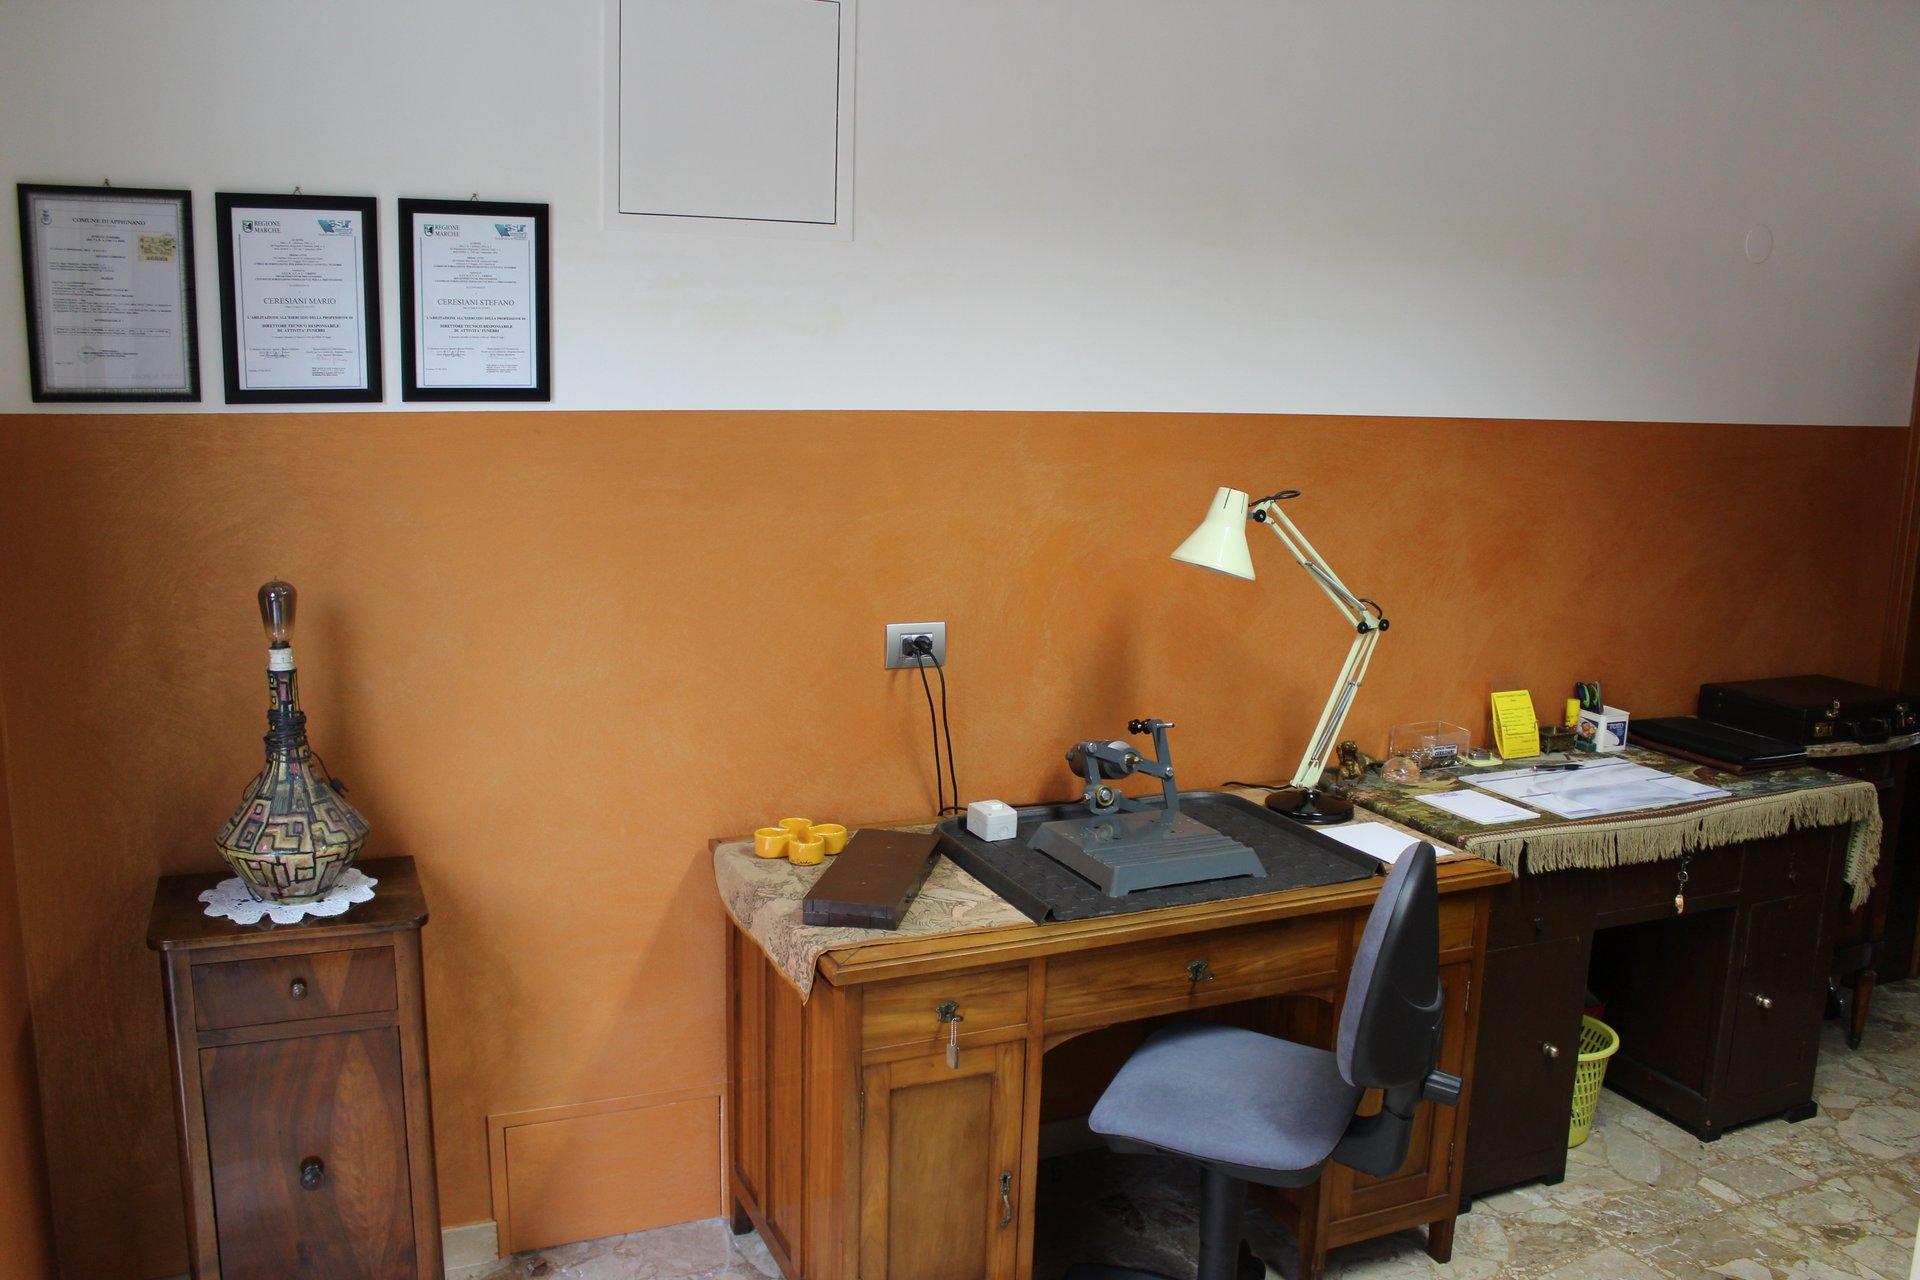 una scrivania con una sedia all'interno dell'ufficio dell'impresa funebre